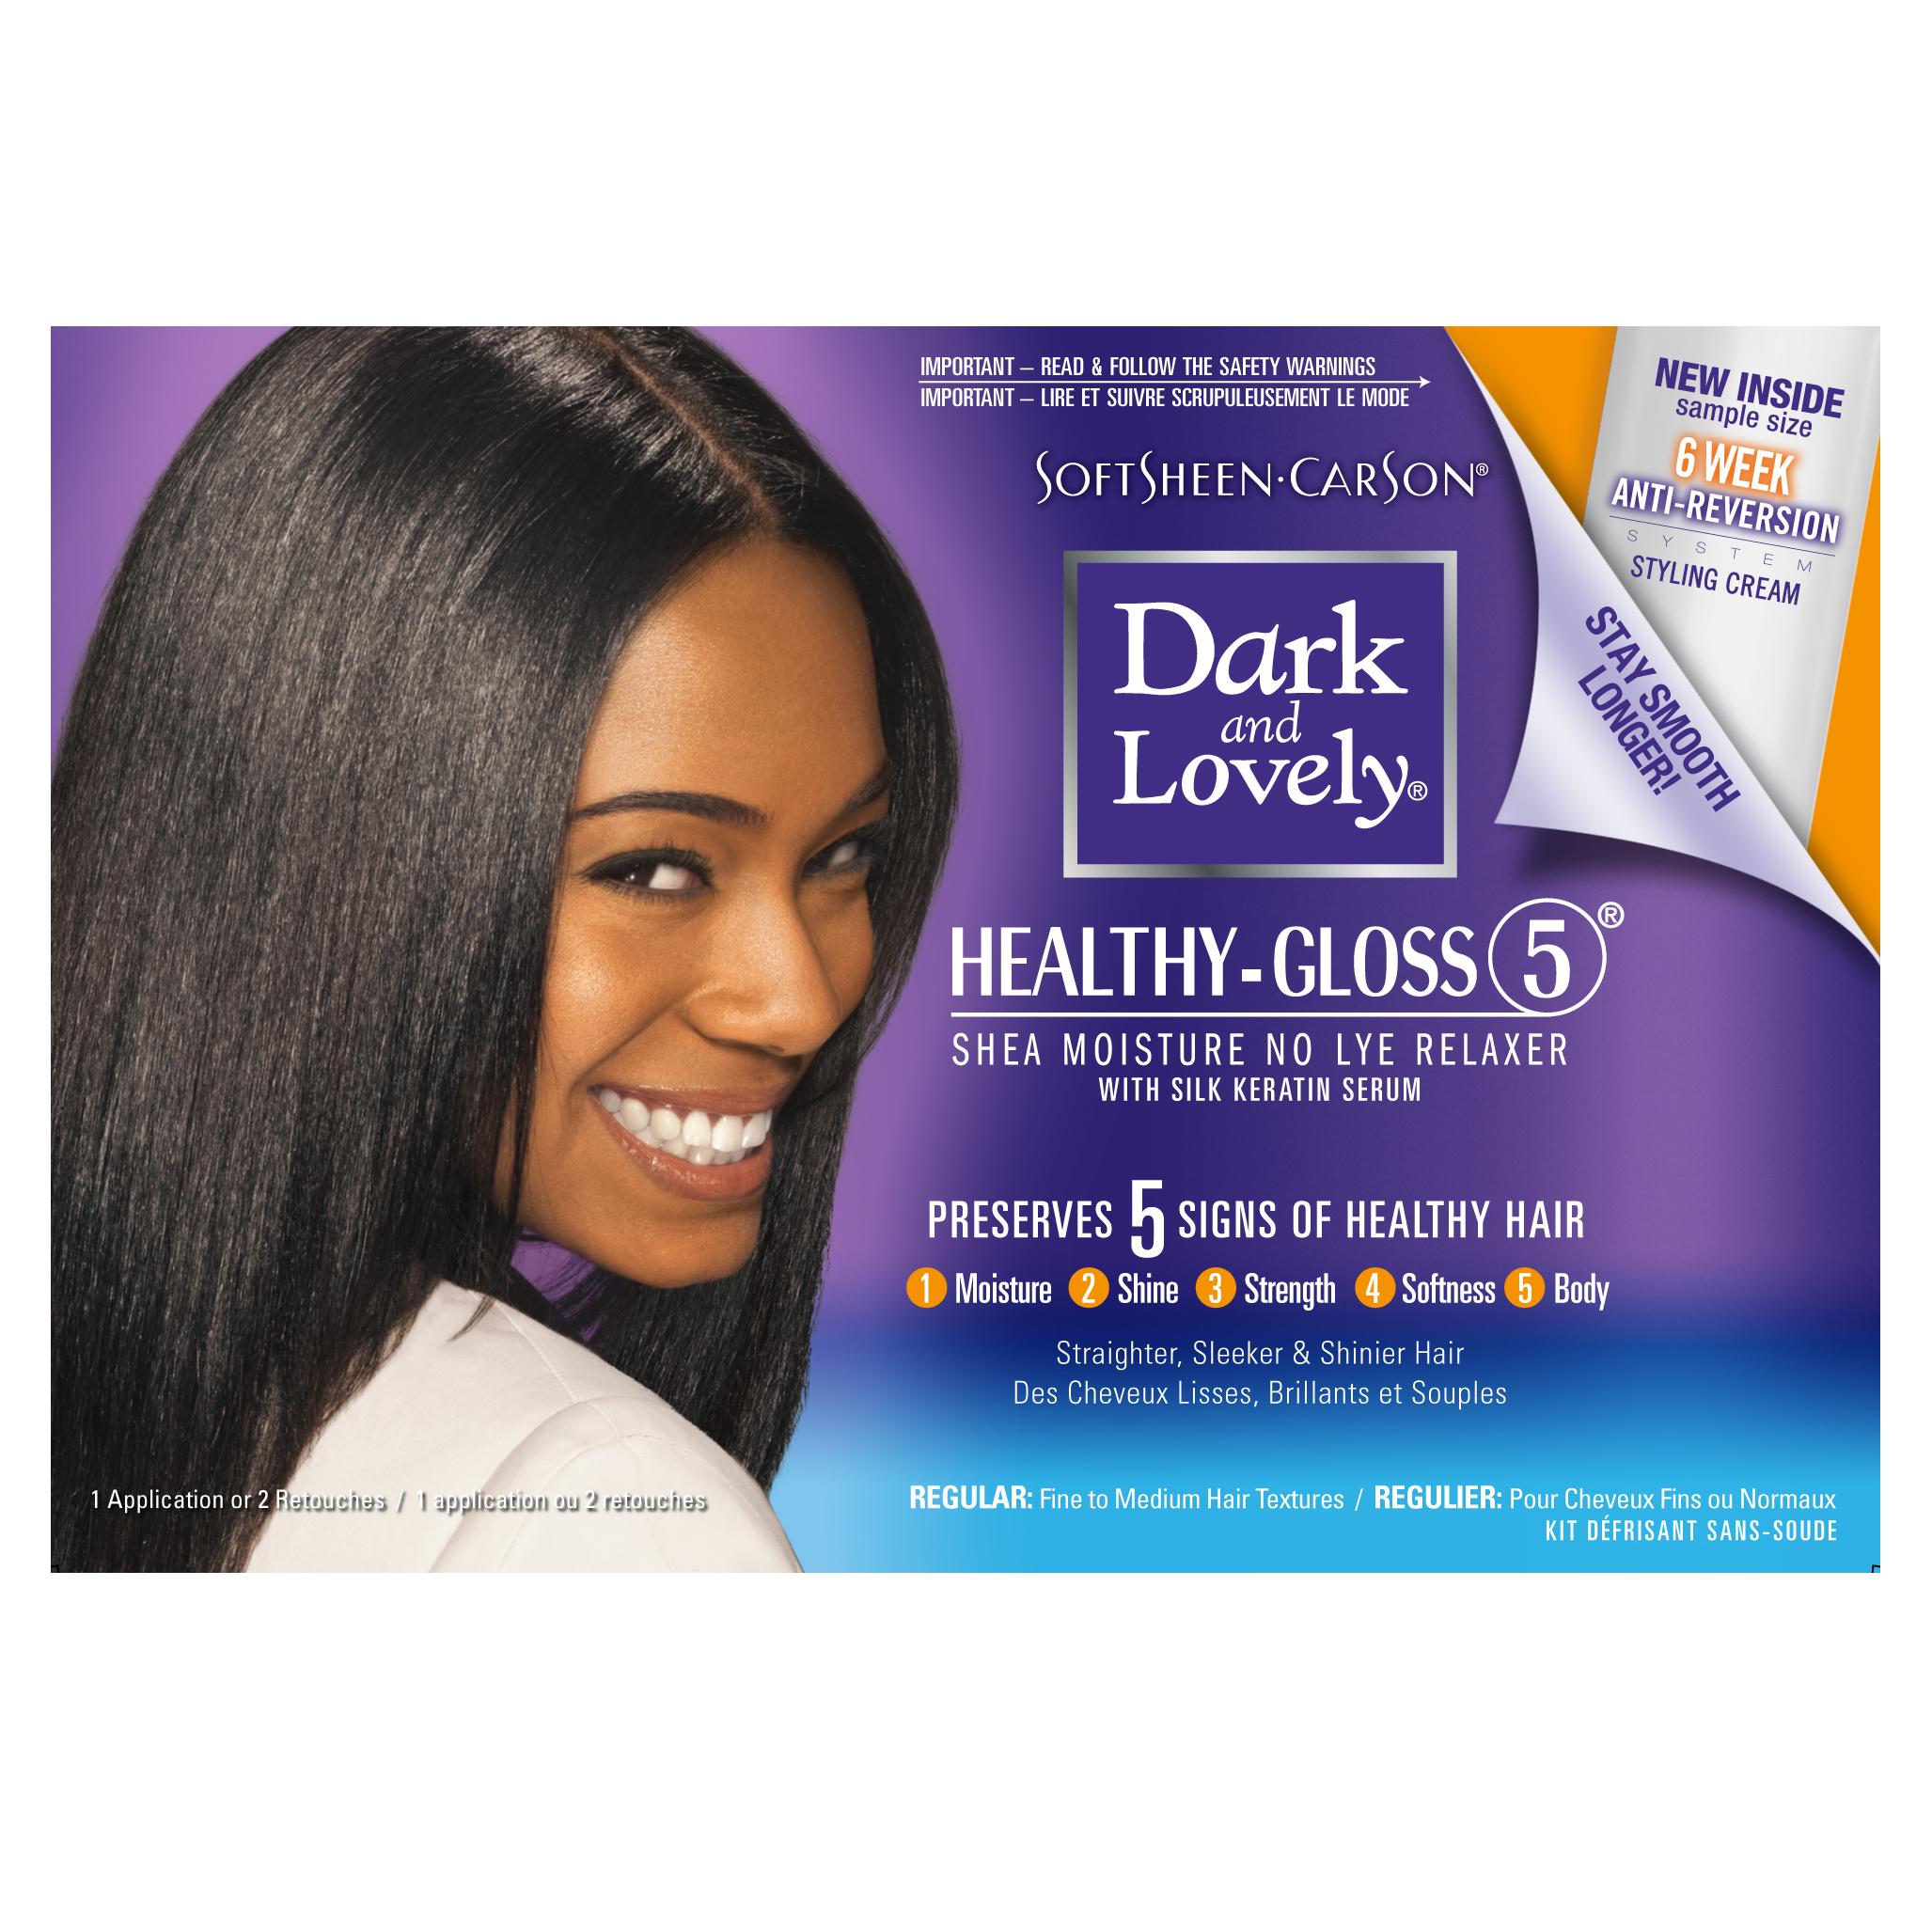 Image of Dark and Lovely Hair Treatment Kit, Healthy-Gloss 5 Shea Moisture Relaxer Regular, 1 ct, Size: 1 kit